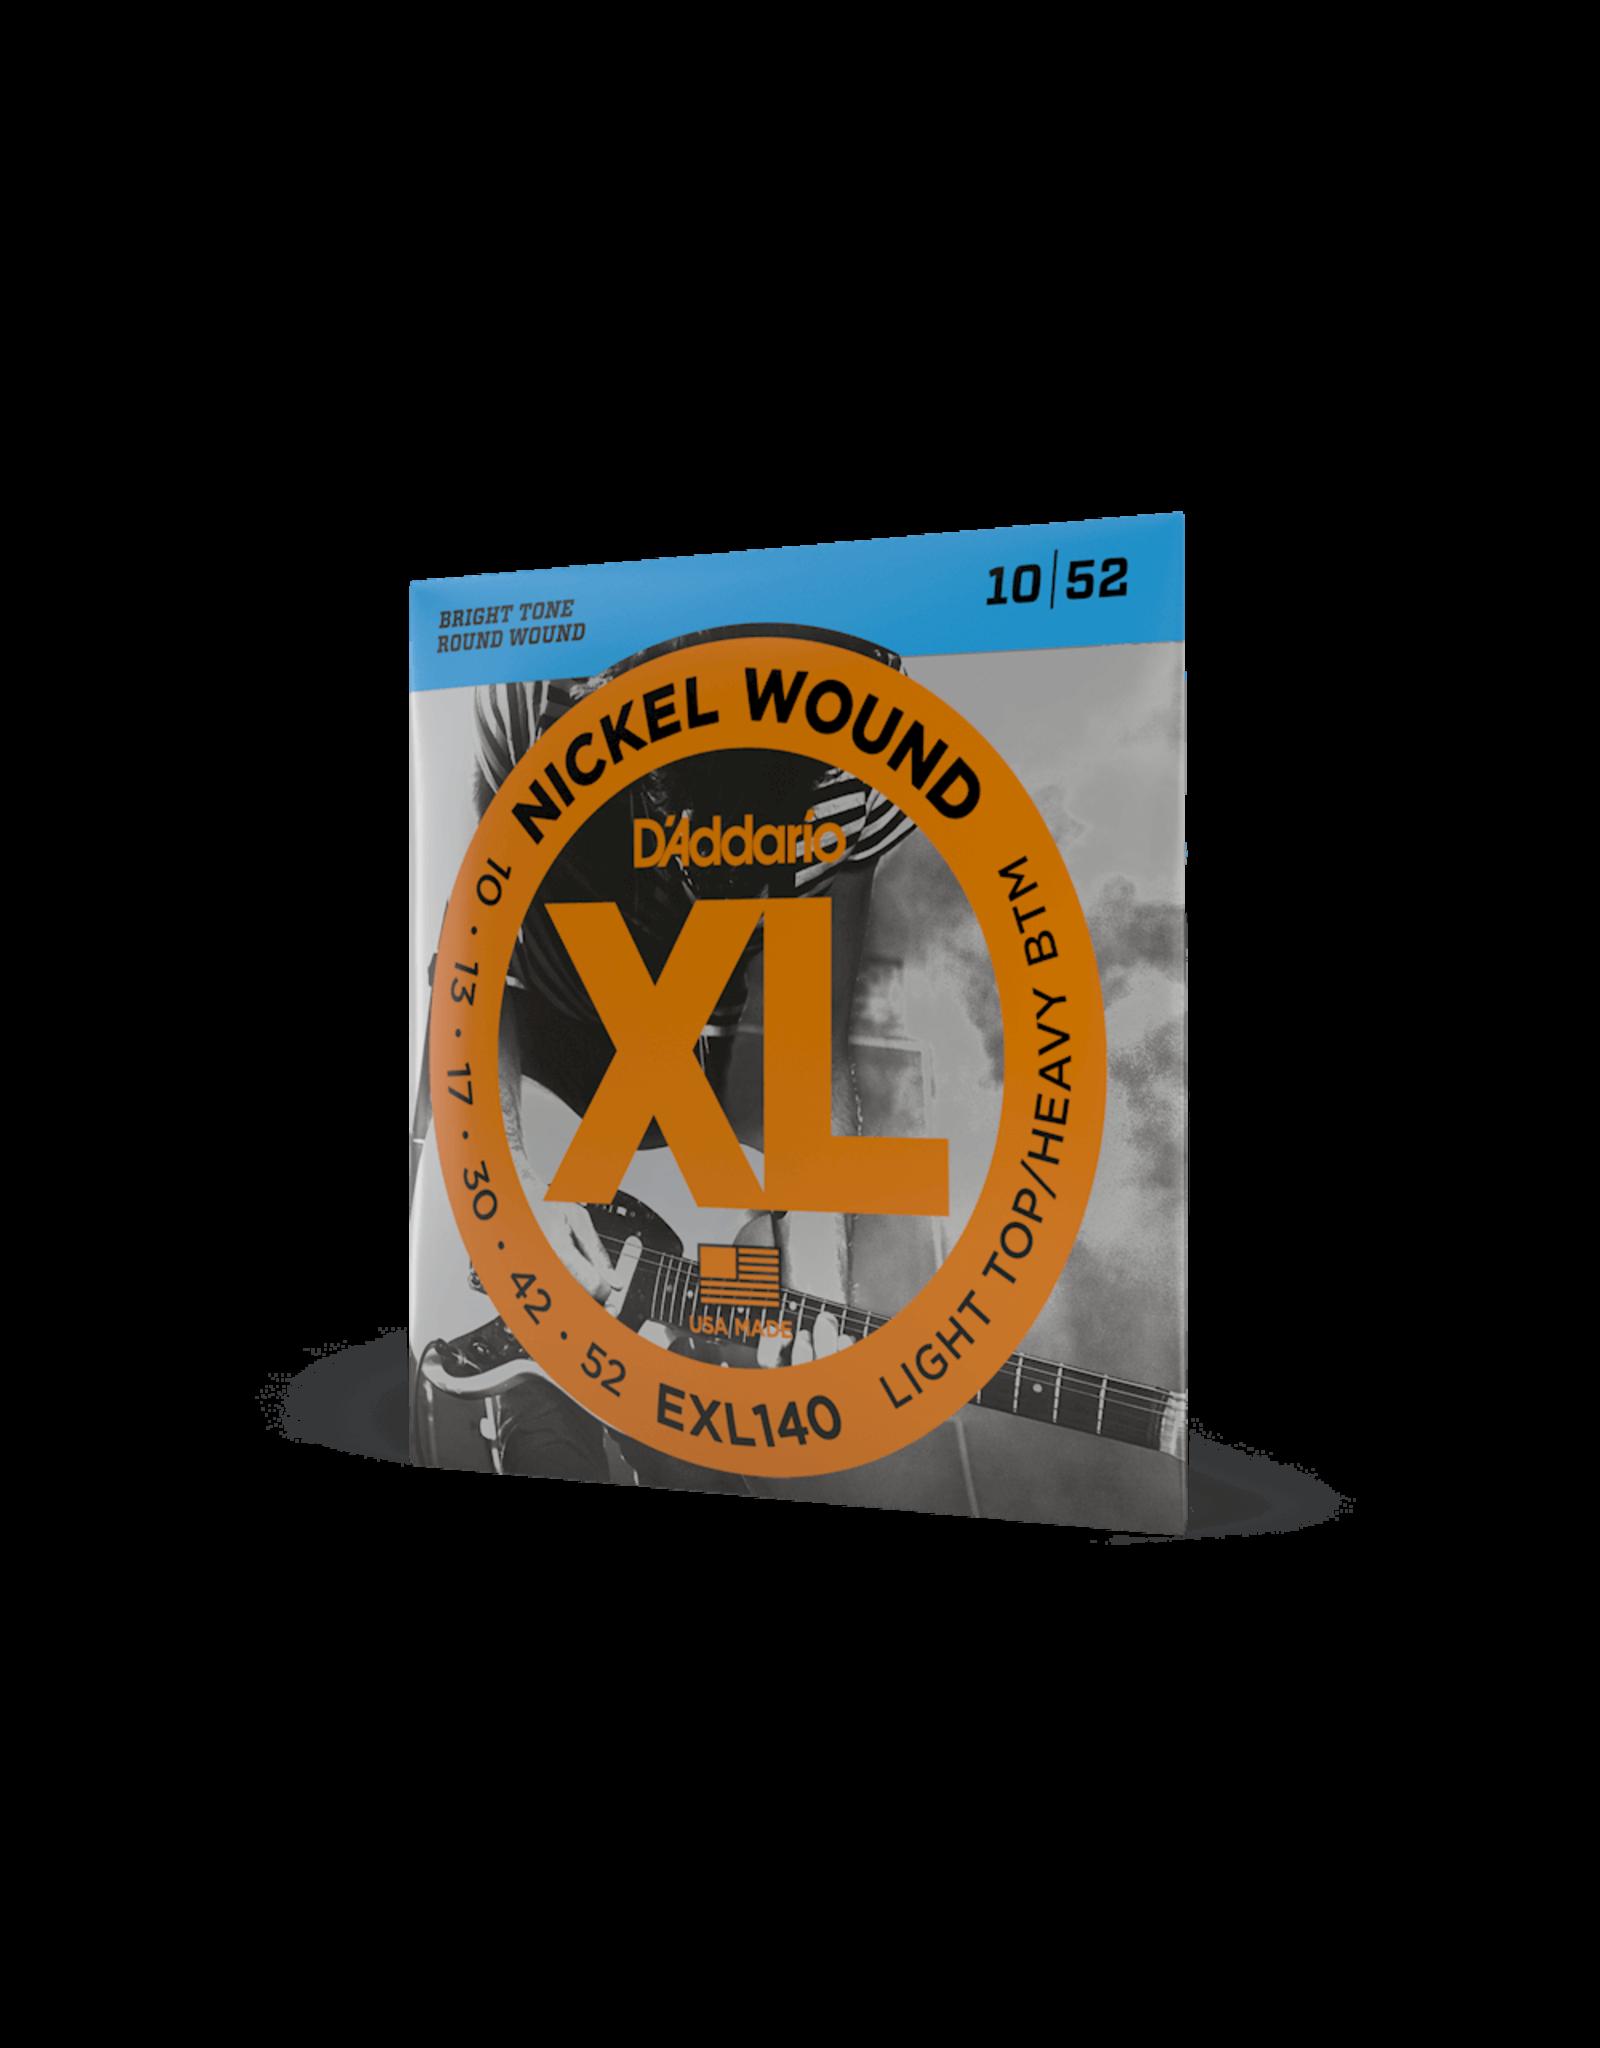 D'Addario D'Addario EXL140 Nickel Wound Light Top/Heavy Btm Electric Guitar Strings 10-52